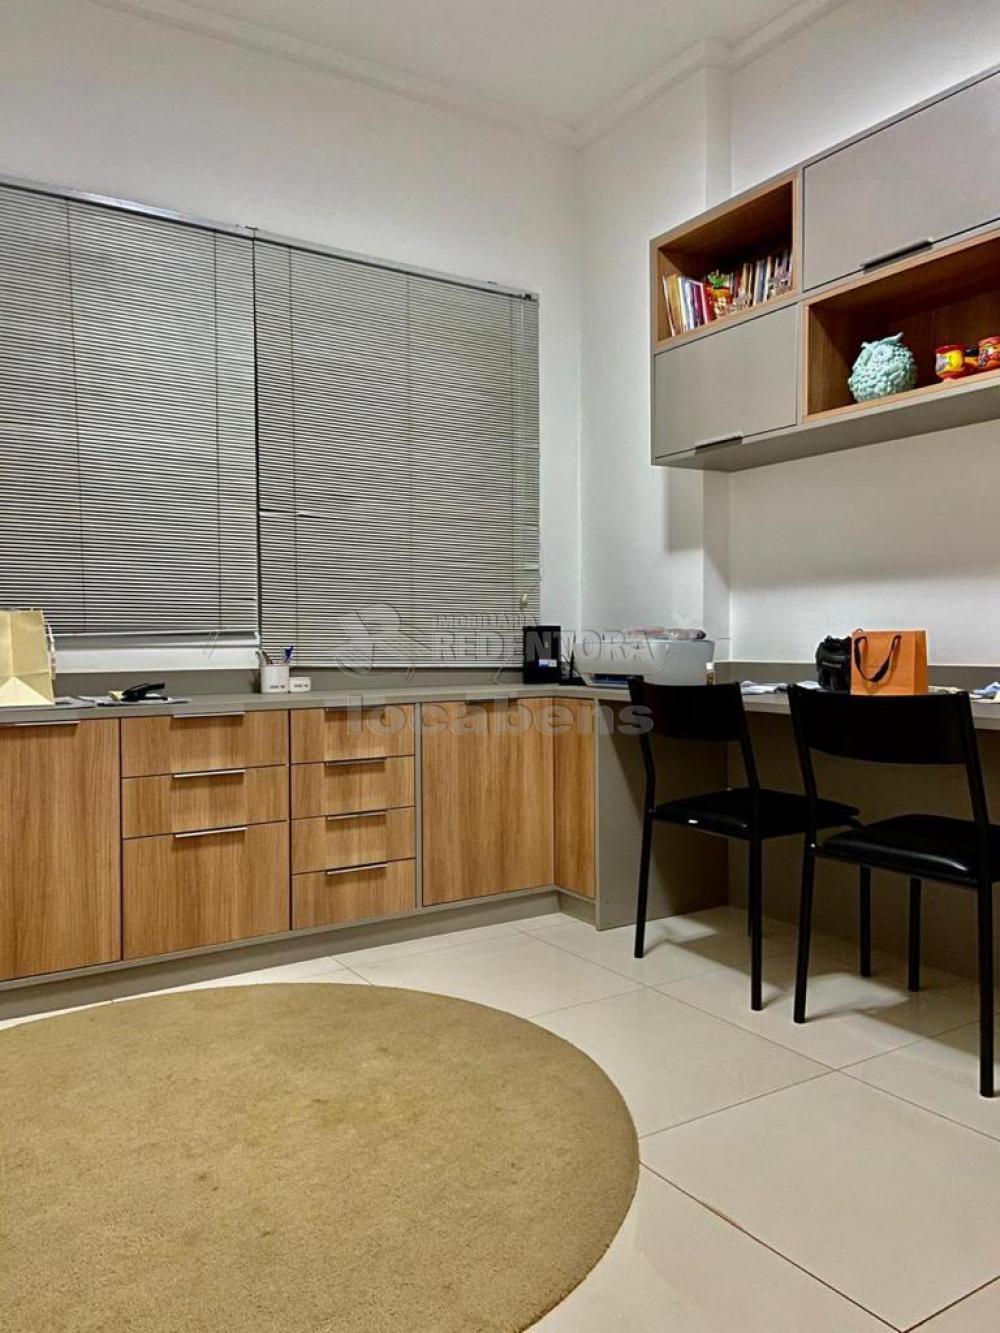 Comprar Casa / Condomínio em São José do Rio Preto R$ 1.750.000,00 - Foto 23